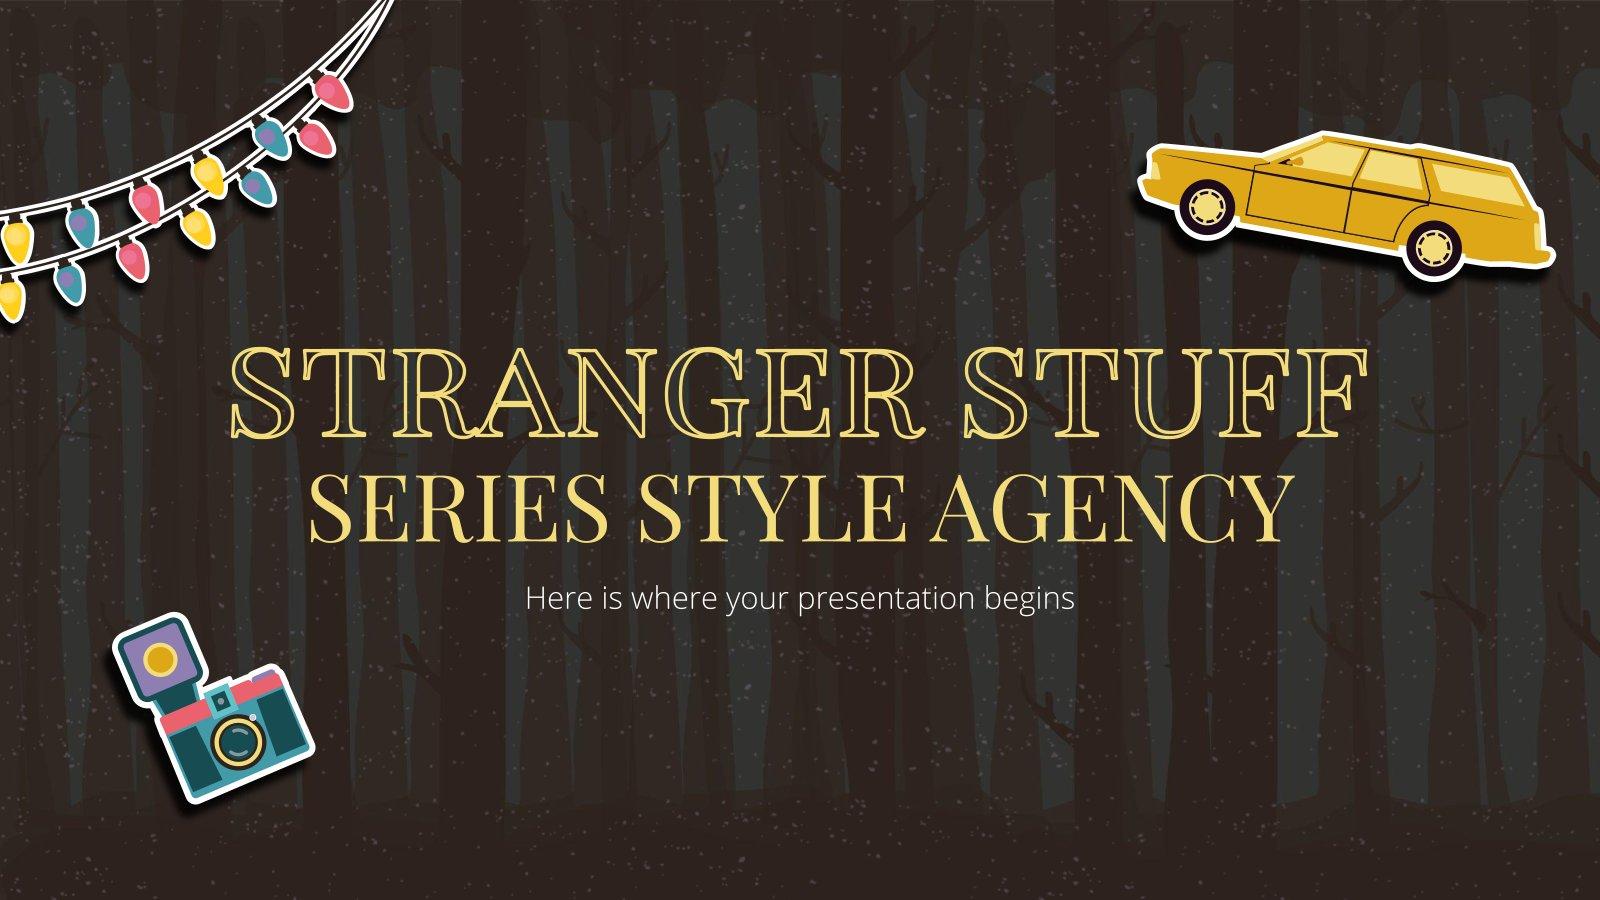 Agence de style de Stranger Stuff : Modèles de présentation